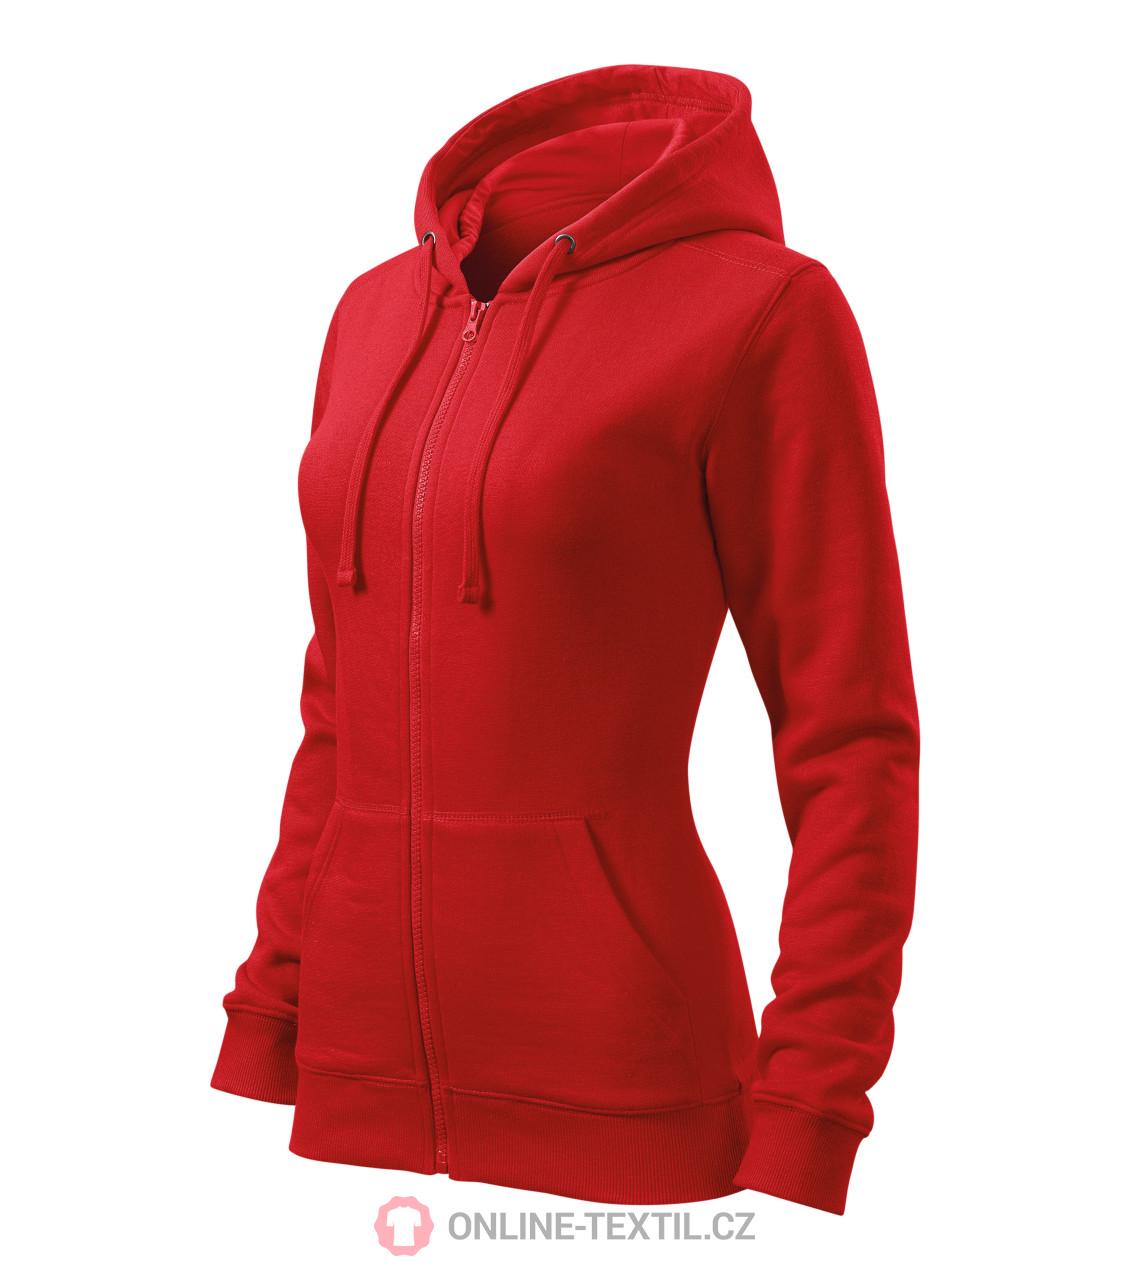 1556de199621 ADLER CZECH Dámská mikina Trendy Zipper s kapucí 411 - červená z ...